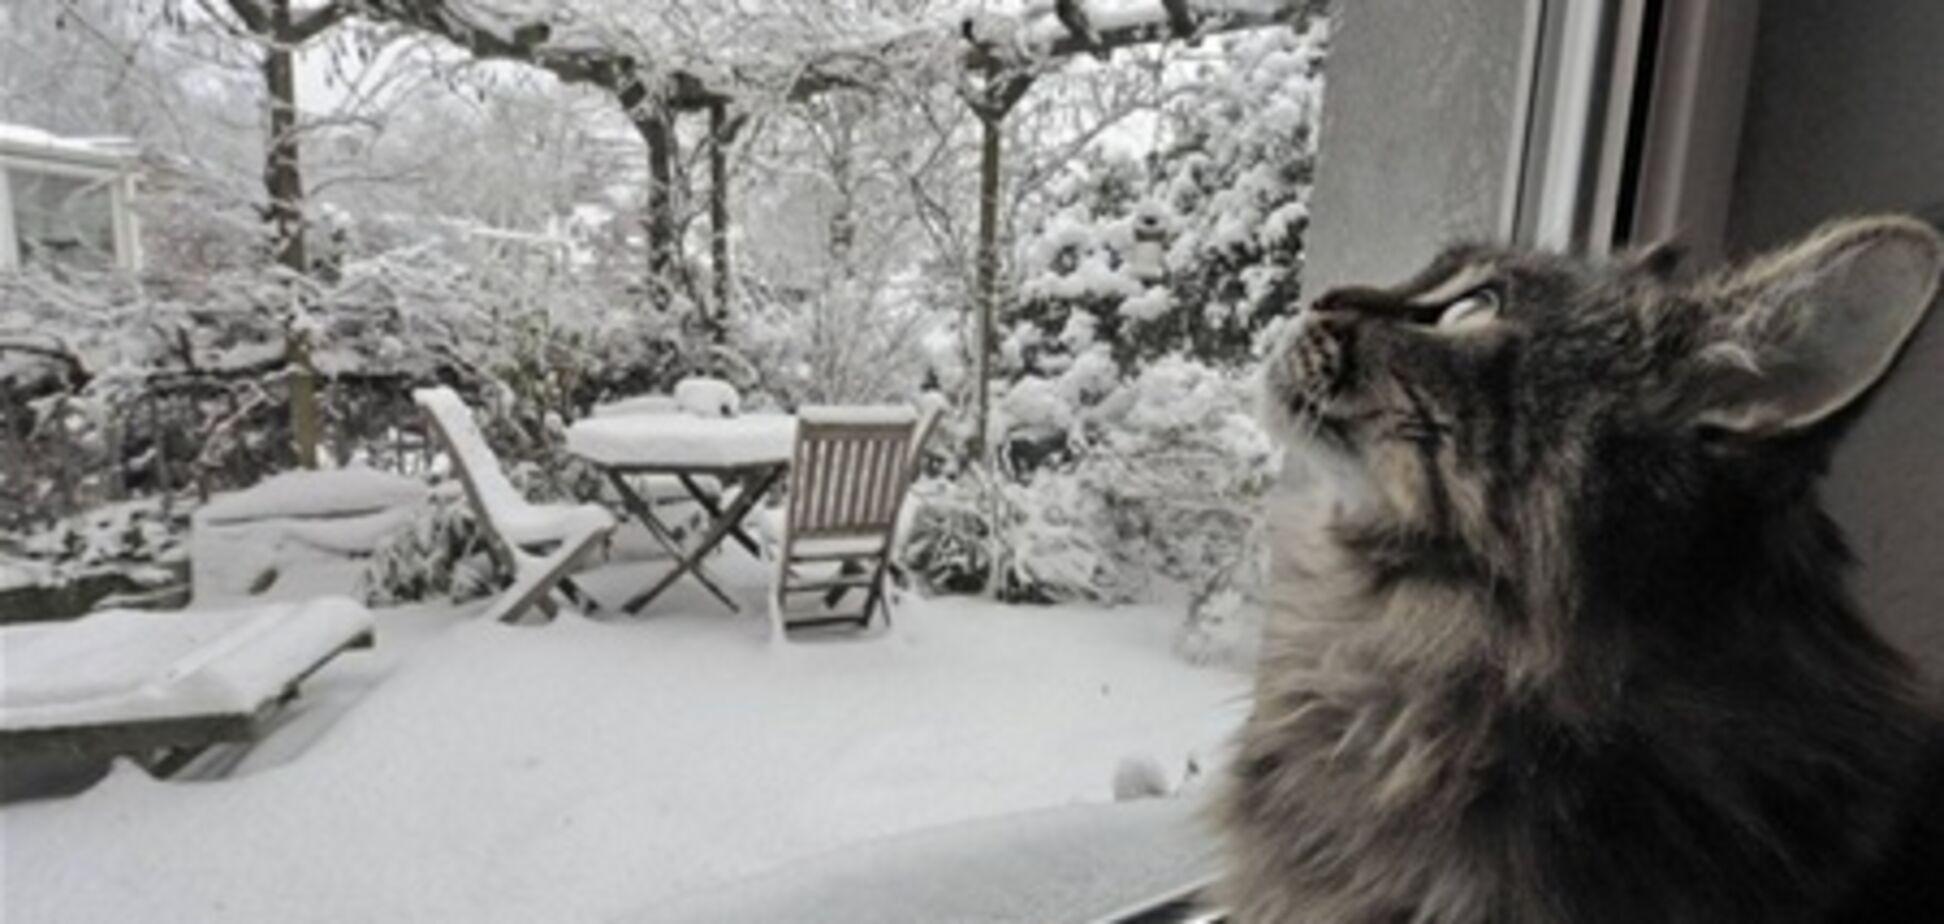 Кошка в 11-градусный мороз закрыла хозяев на балконе